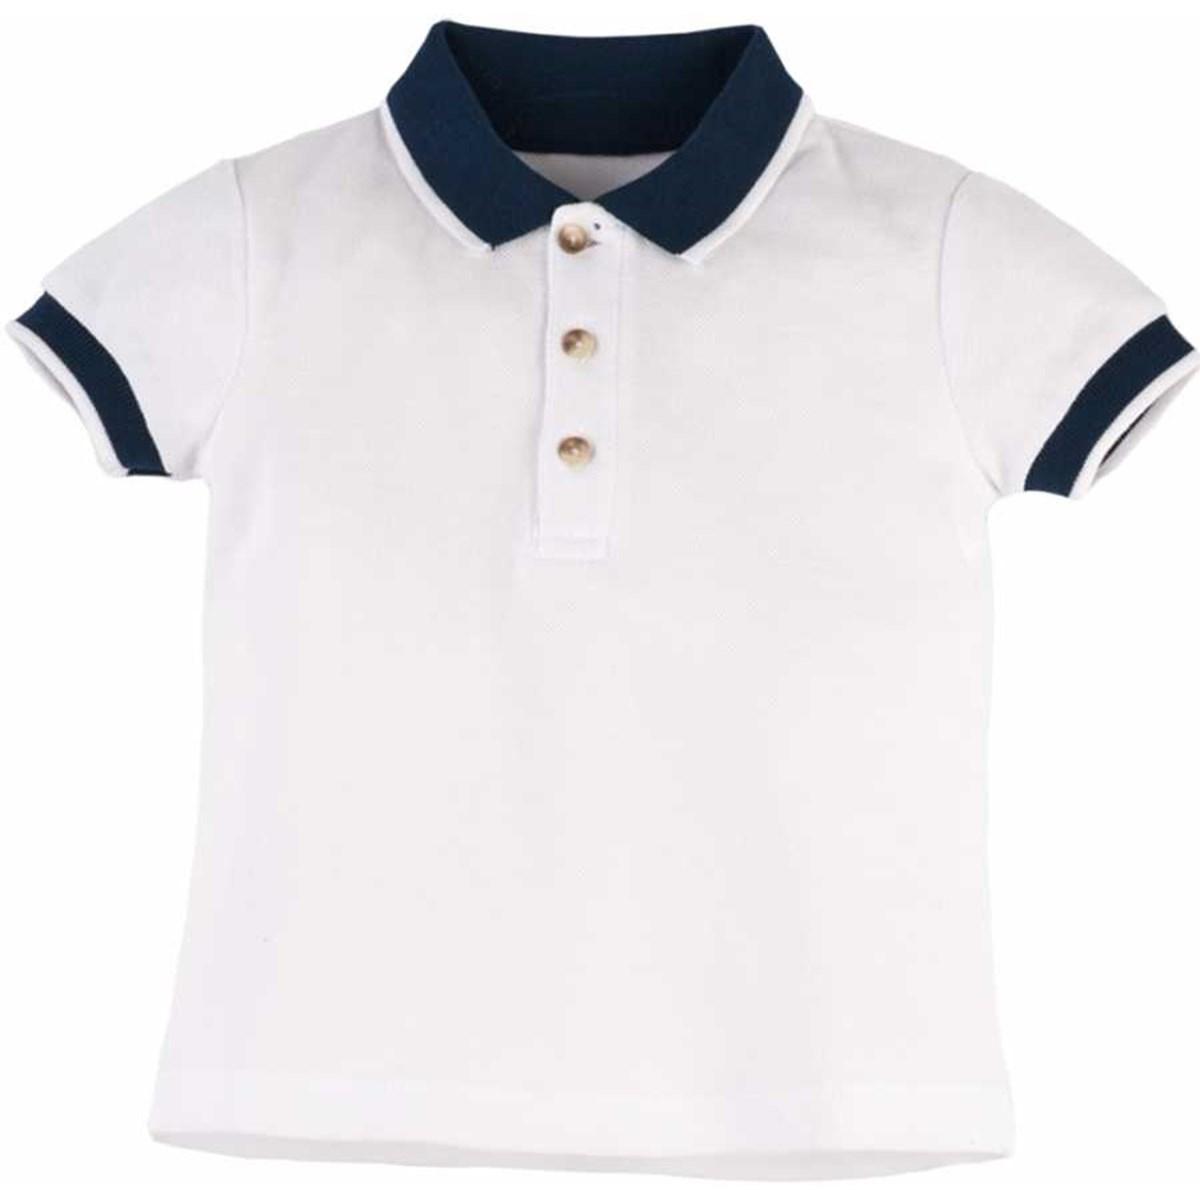 7656 Tshirt 1